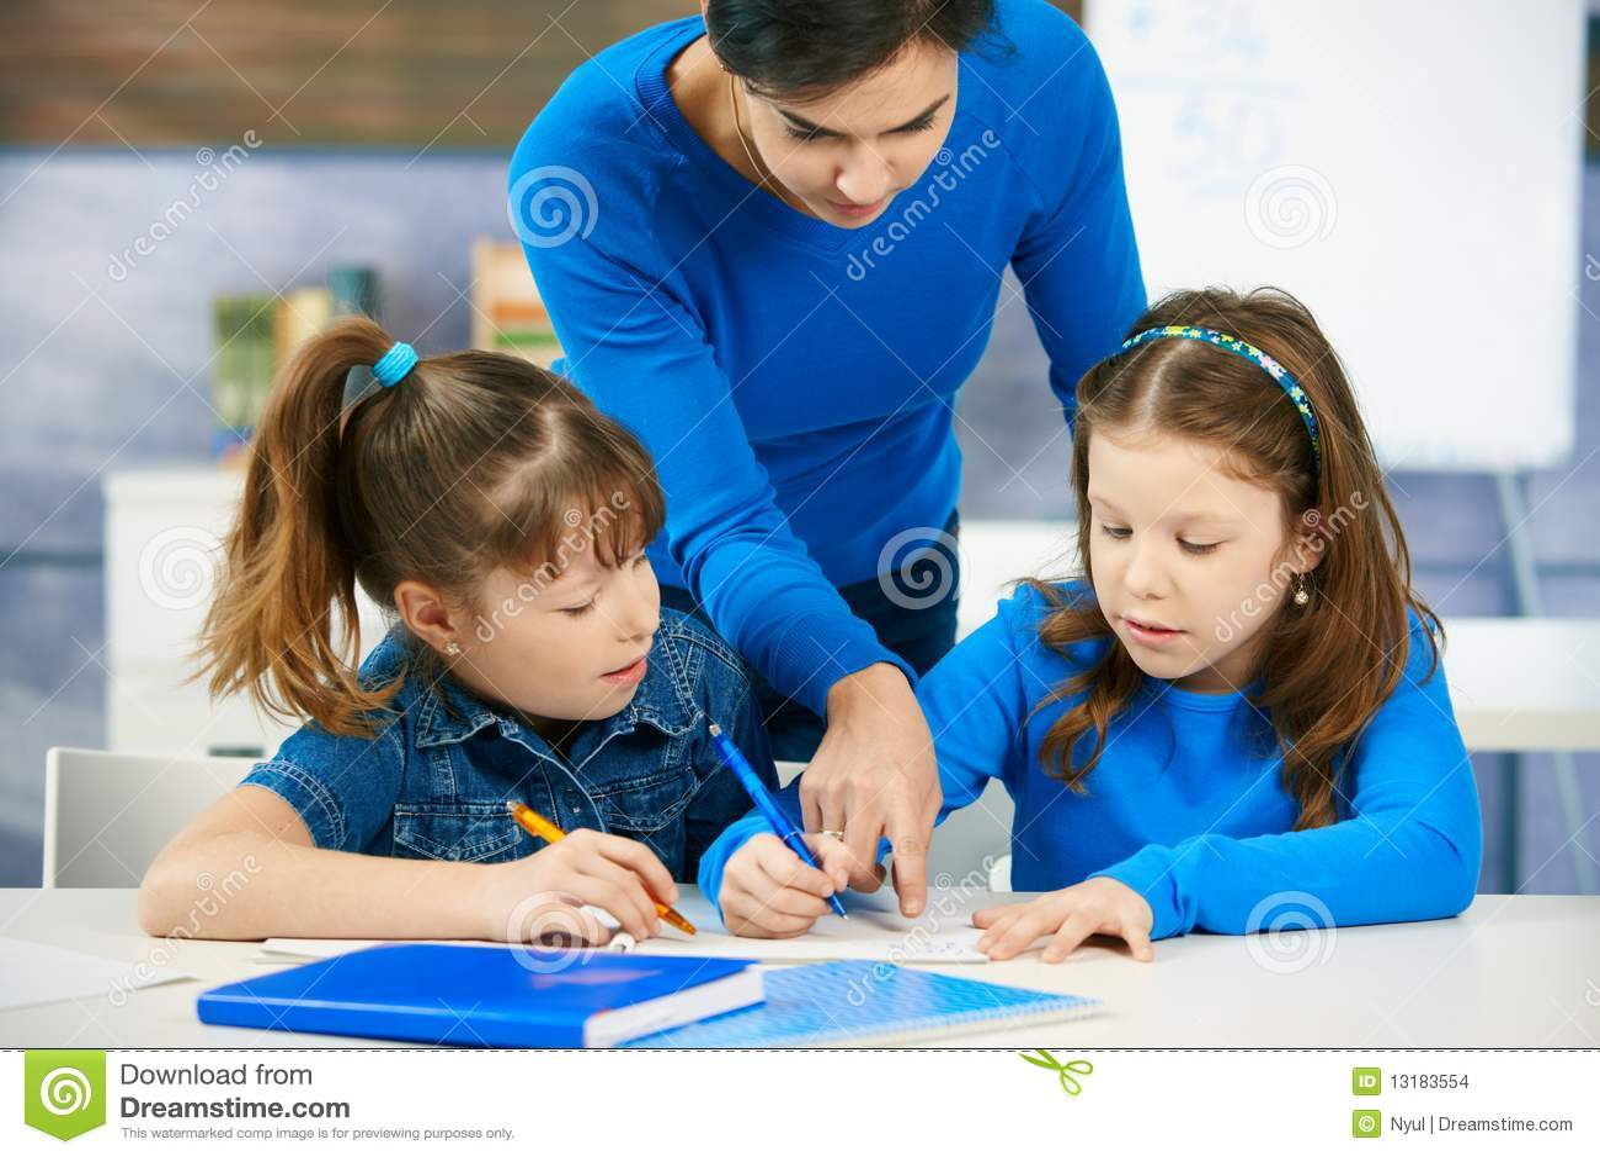 Crianças E Professor Na Sala De Aula Foto de Stock - Imagem de ... 715c5017cc28d